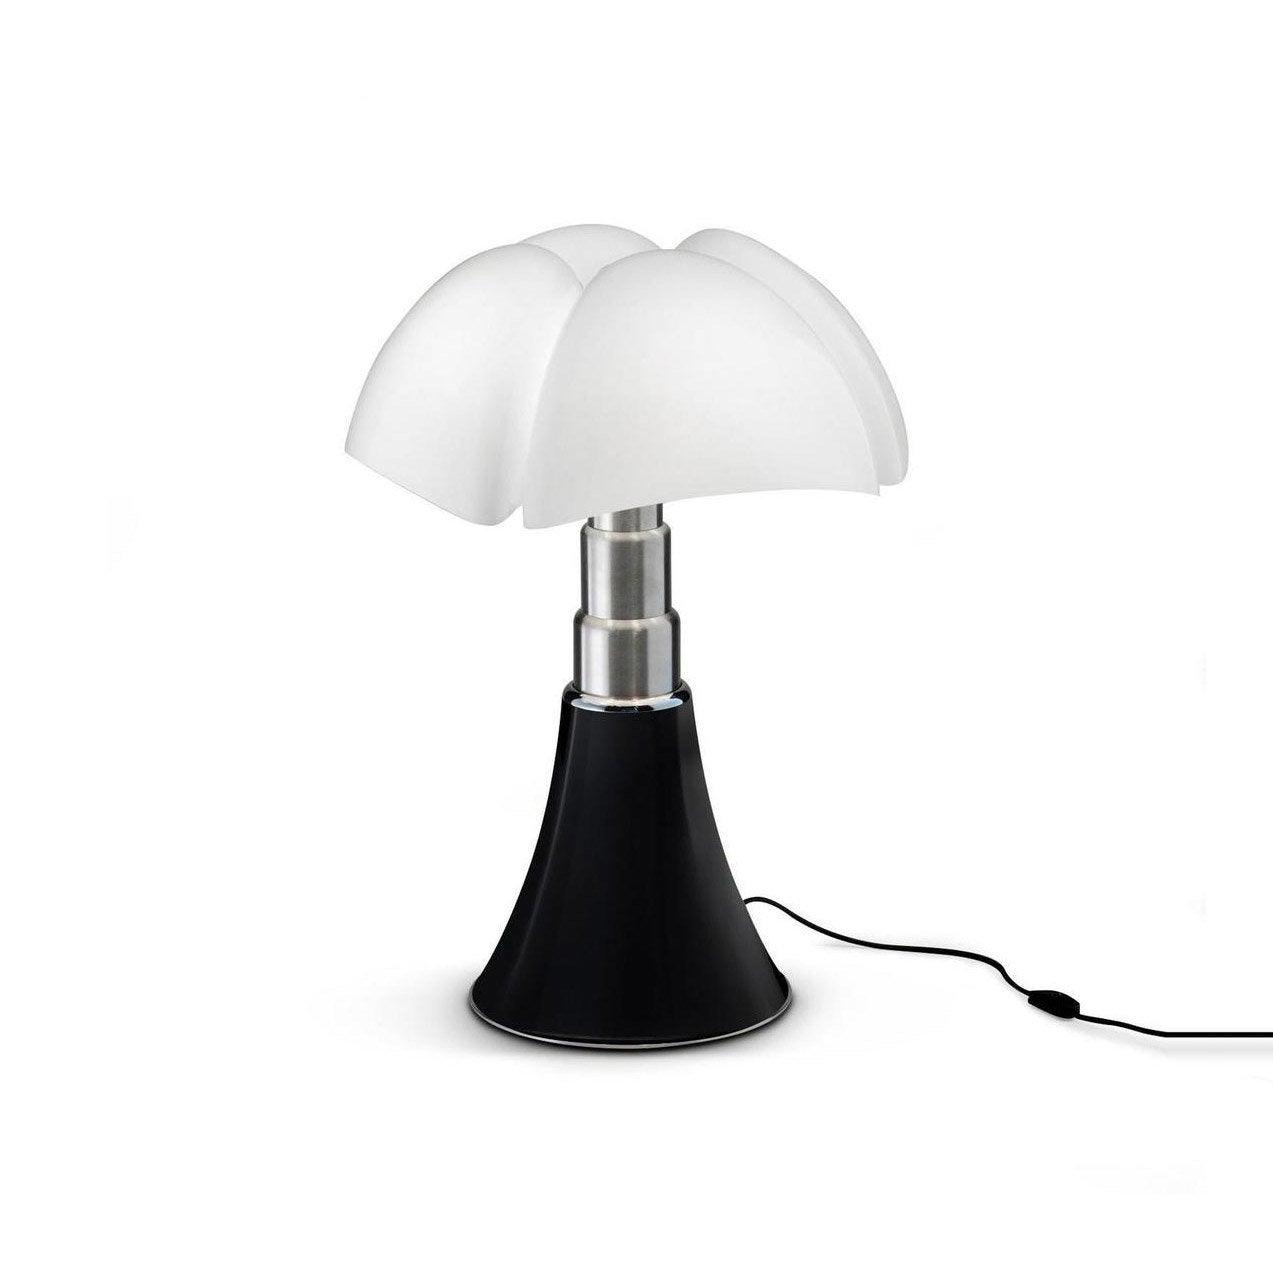 Lampe Au ChevetSalon Merlin Meilleur De PrixLeroy TJKl1Fc